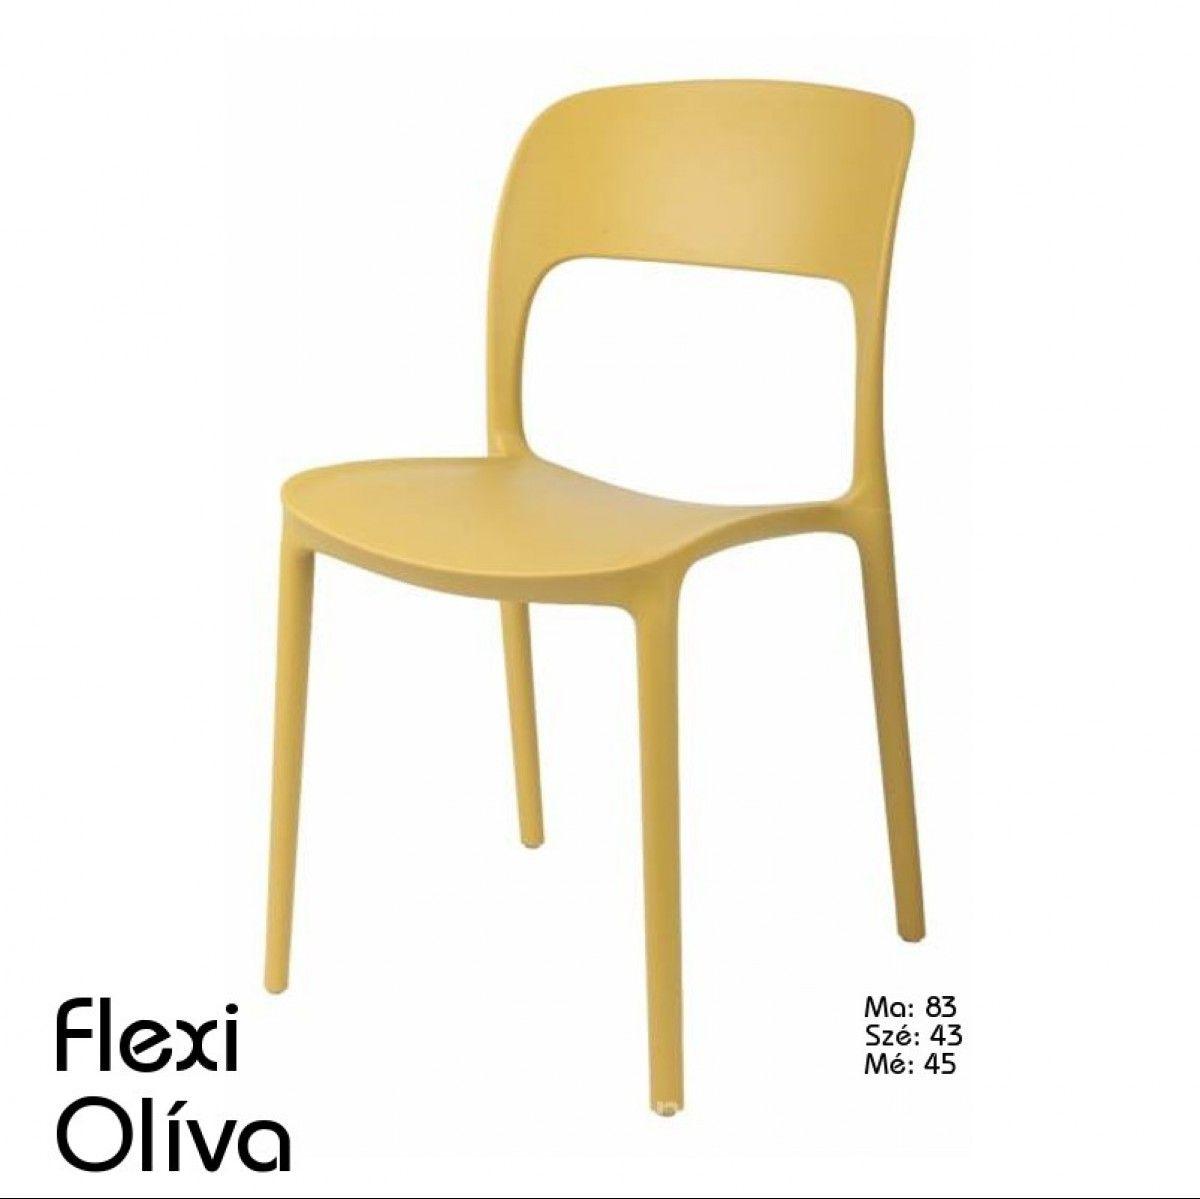 Flexi szék olíva sárga színben airs pinterest